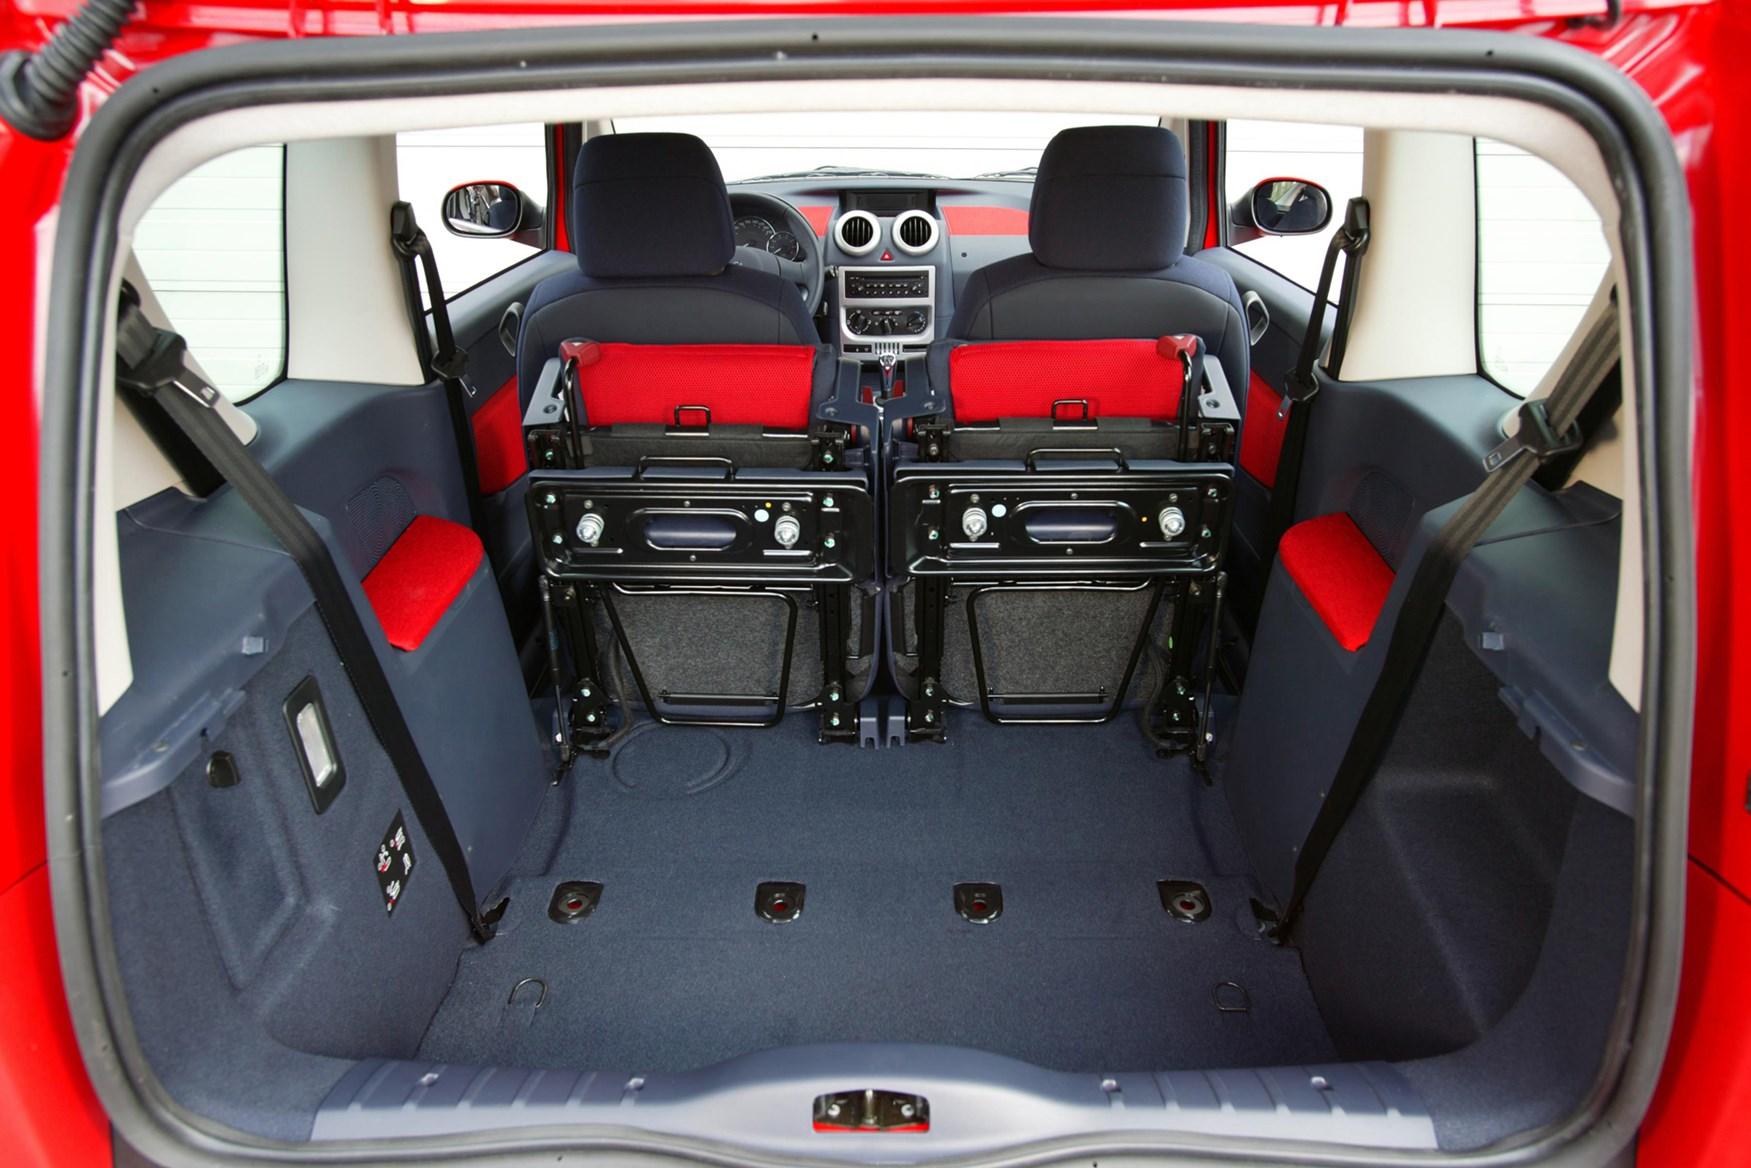 peugeot 1007 hatchback review 2005 2009 parkers. Black Bedroom Furniture Sets. Home Design Ideas